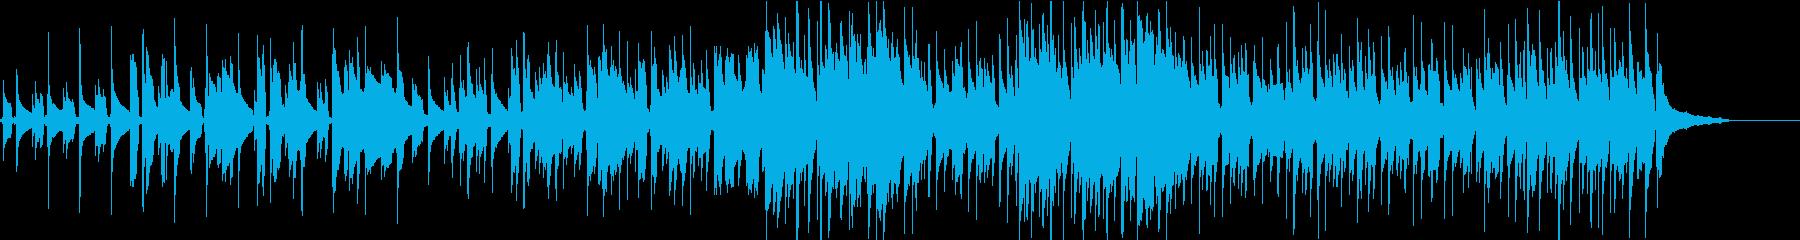 夜光のスケッチの再生済みの波形